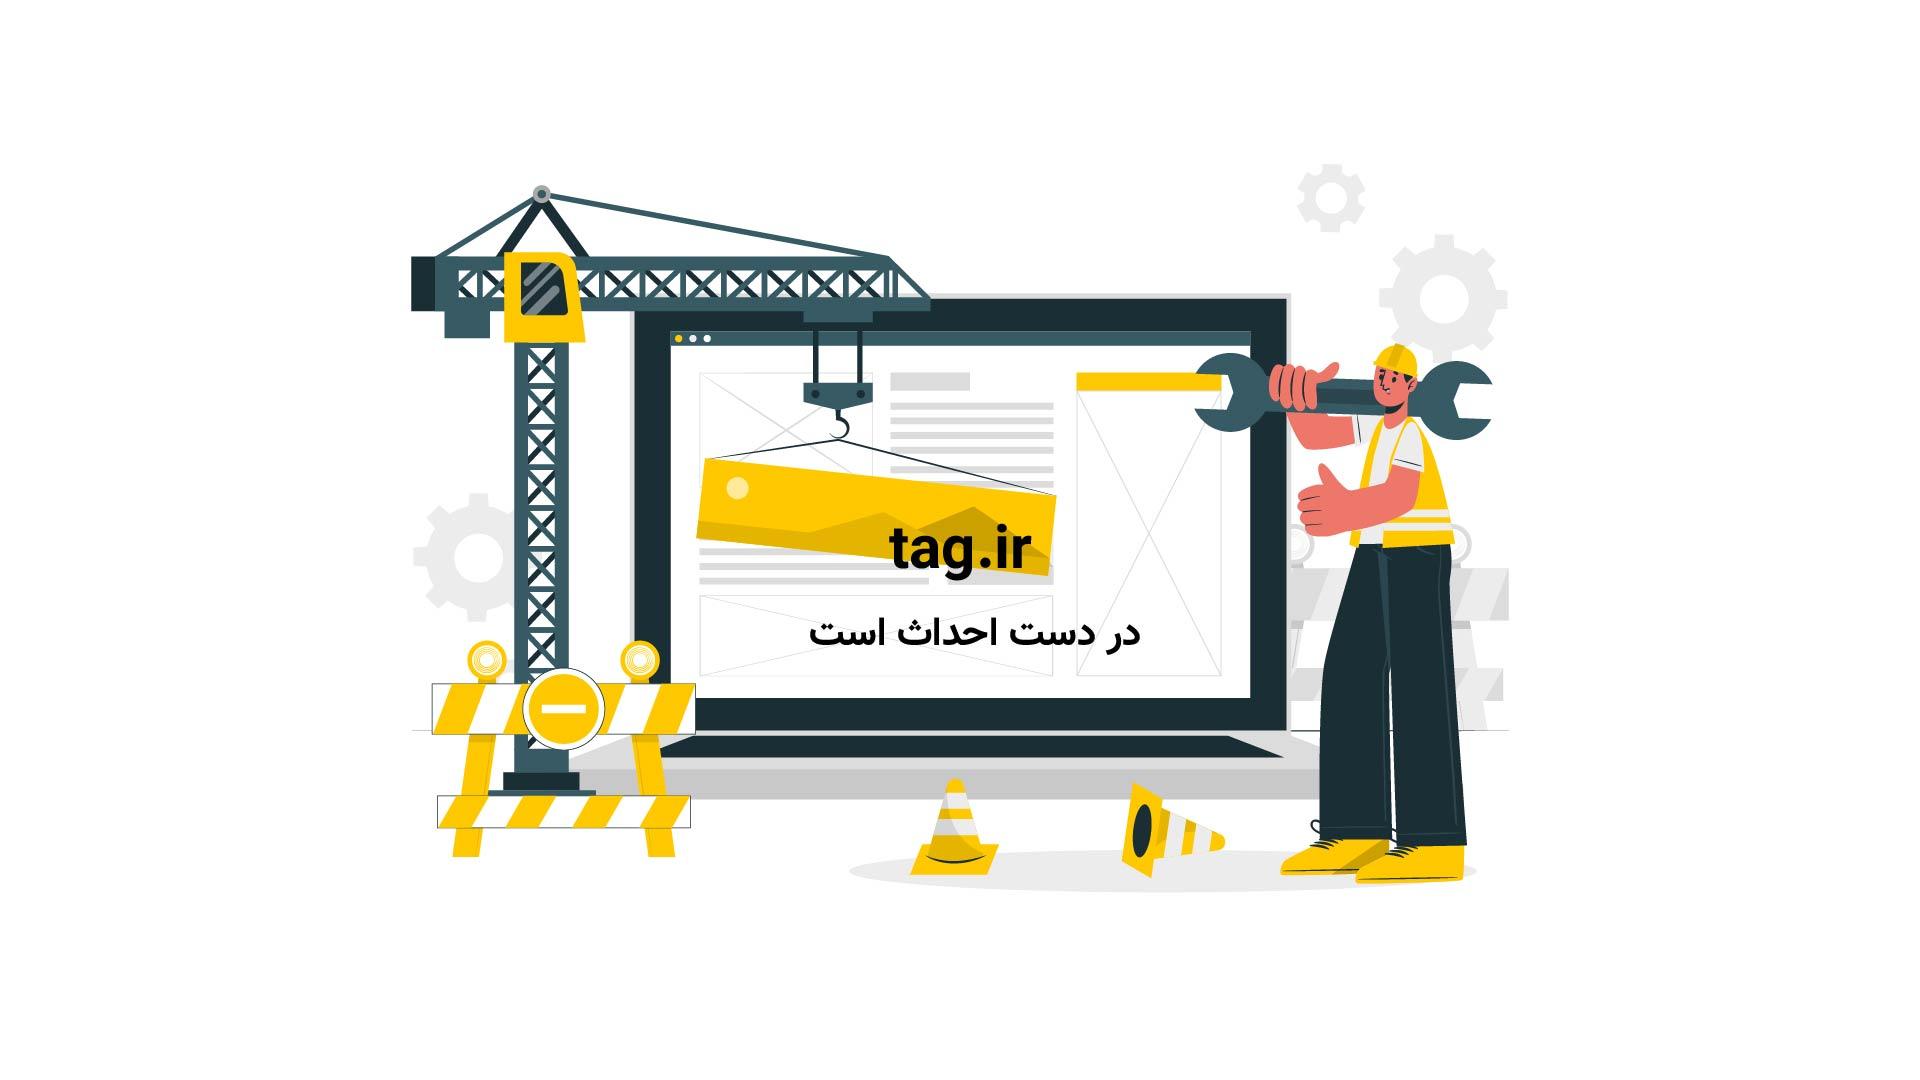 سیاه چاله | تک